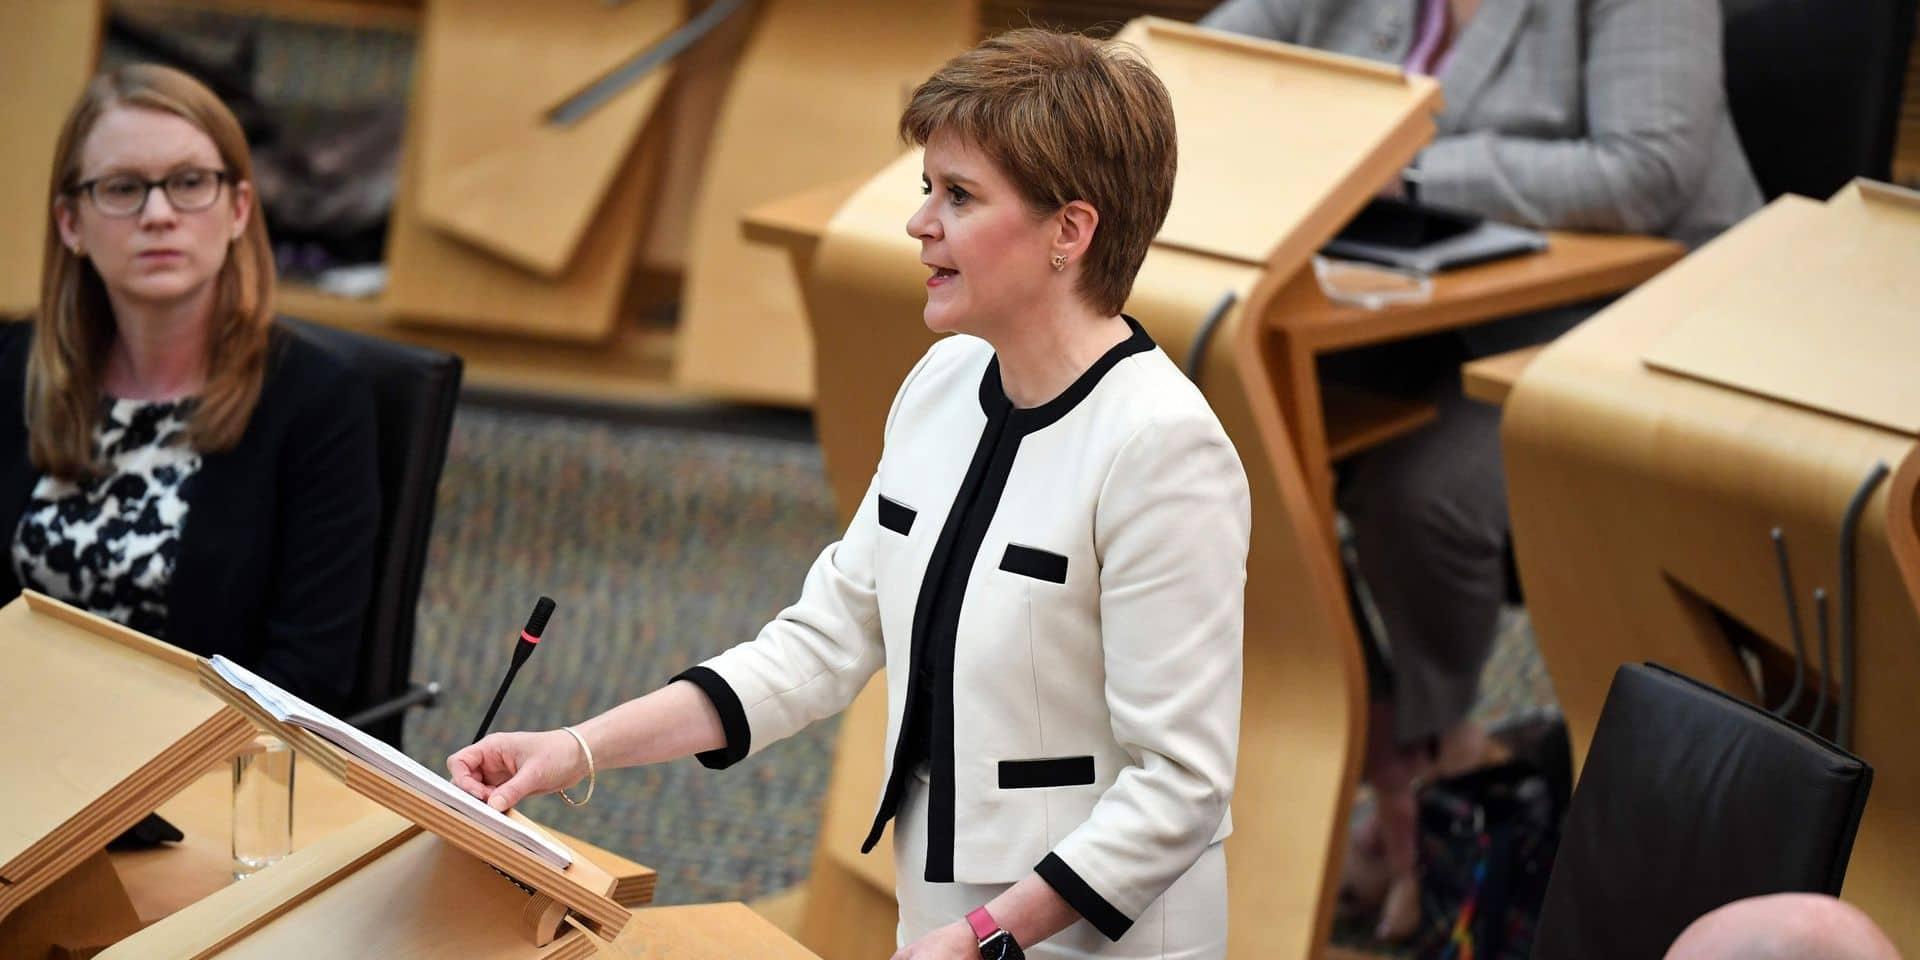 L'Ecosse veut présenter son projet pour un référendum d'indépendance avant mai